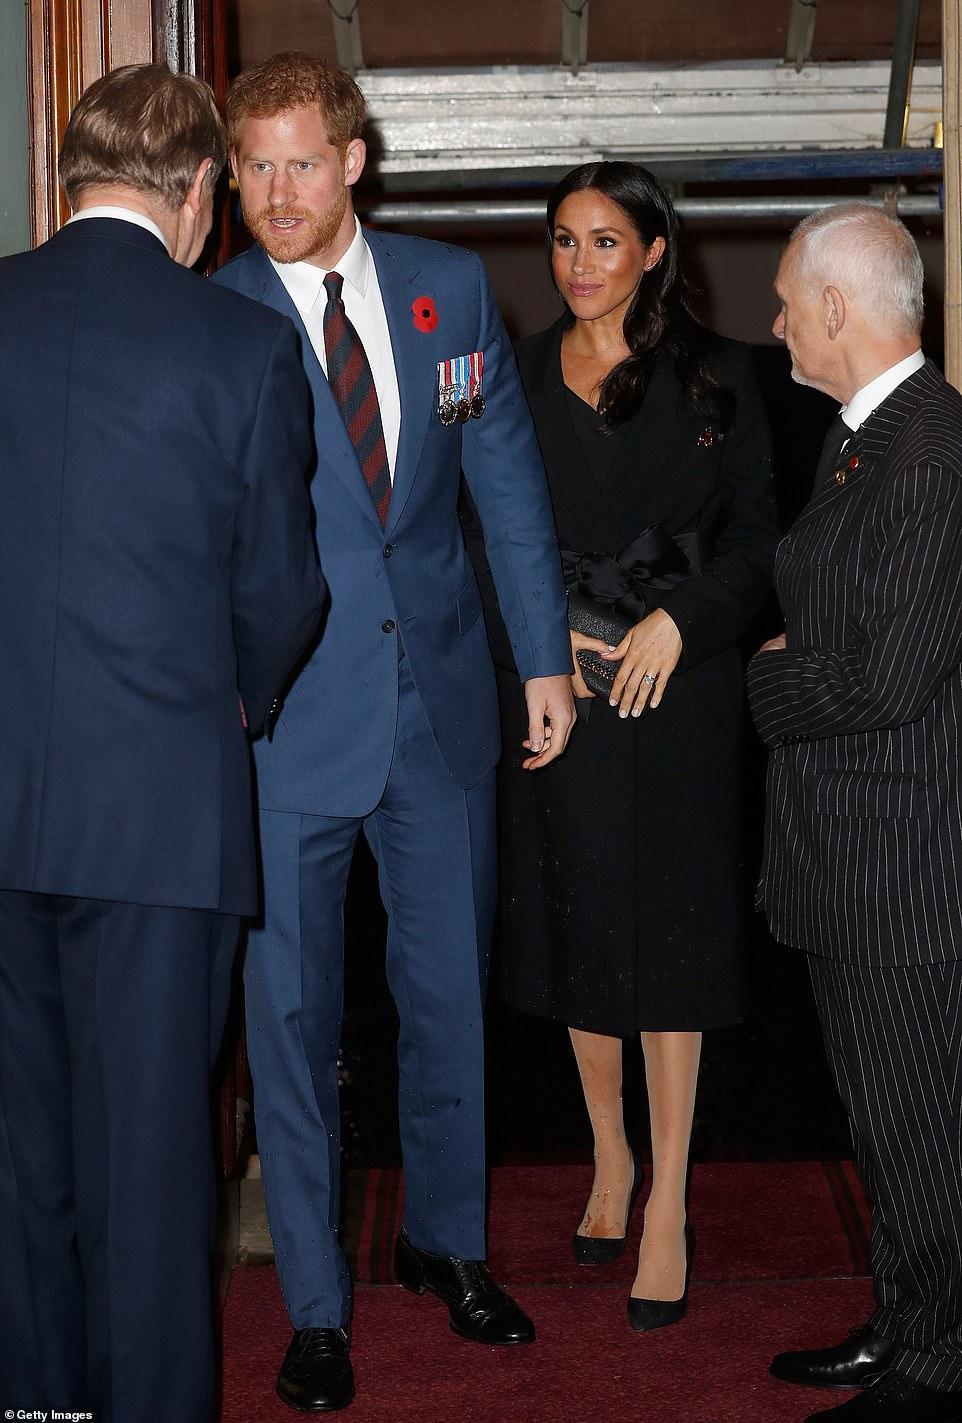 王室齊聚紀念日活動,凱特好少女梅根胖了些,卡米拉笑得最開心 時尚 第3張